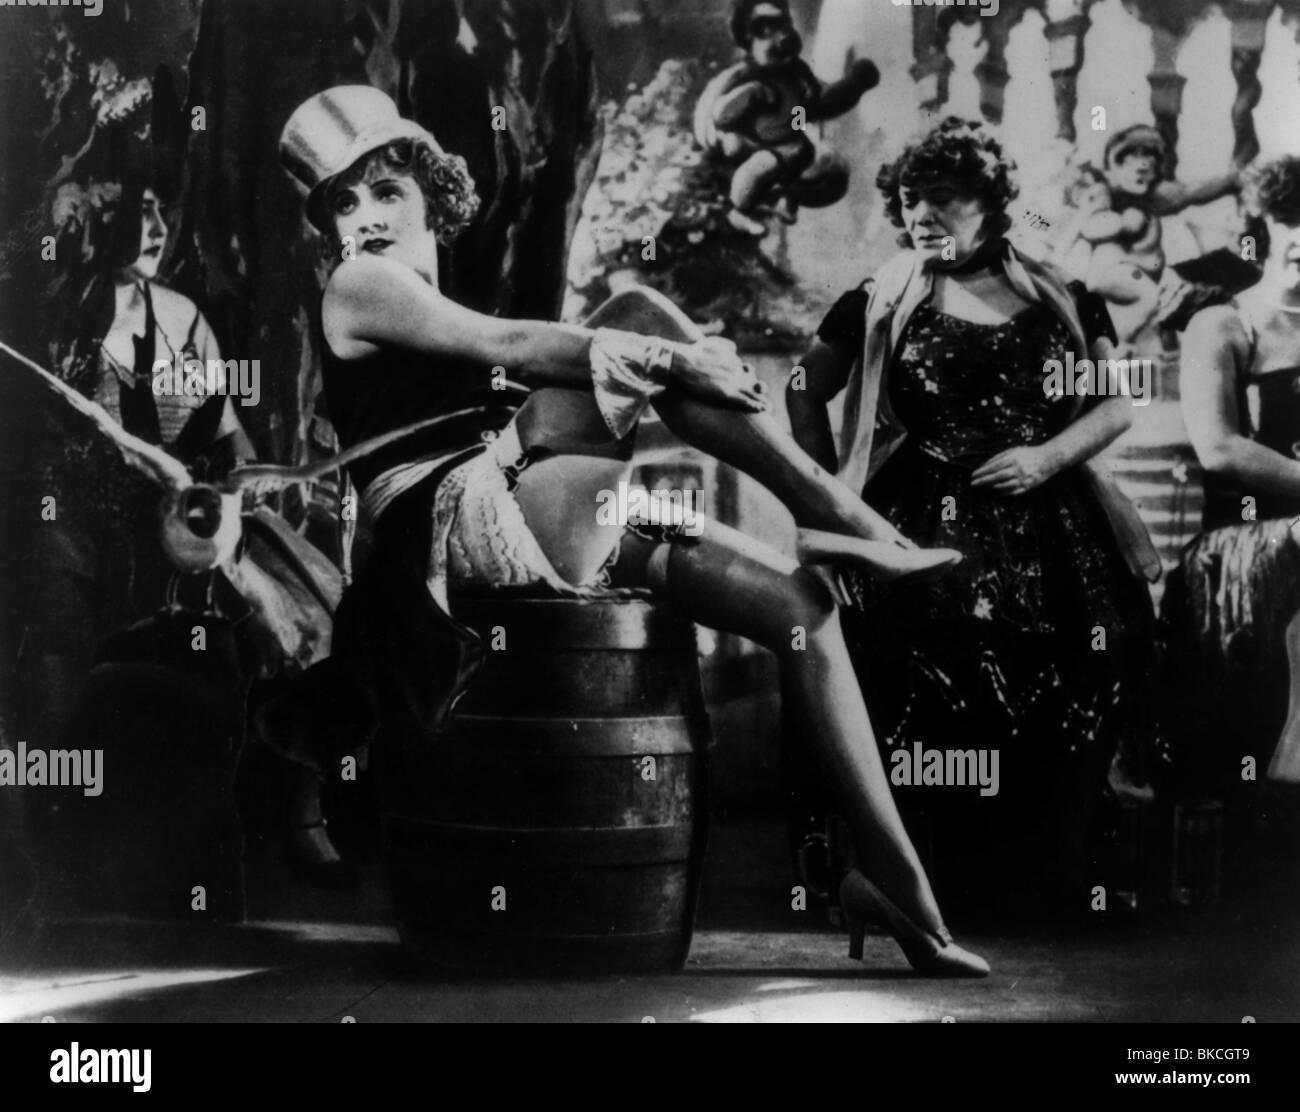 DER BLAUE ENGEL (1930) DER BLAUE ENGEL (ALT) MARLENE DIETRICH BLAN 002P Stockbild